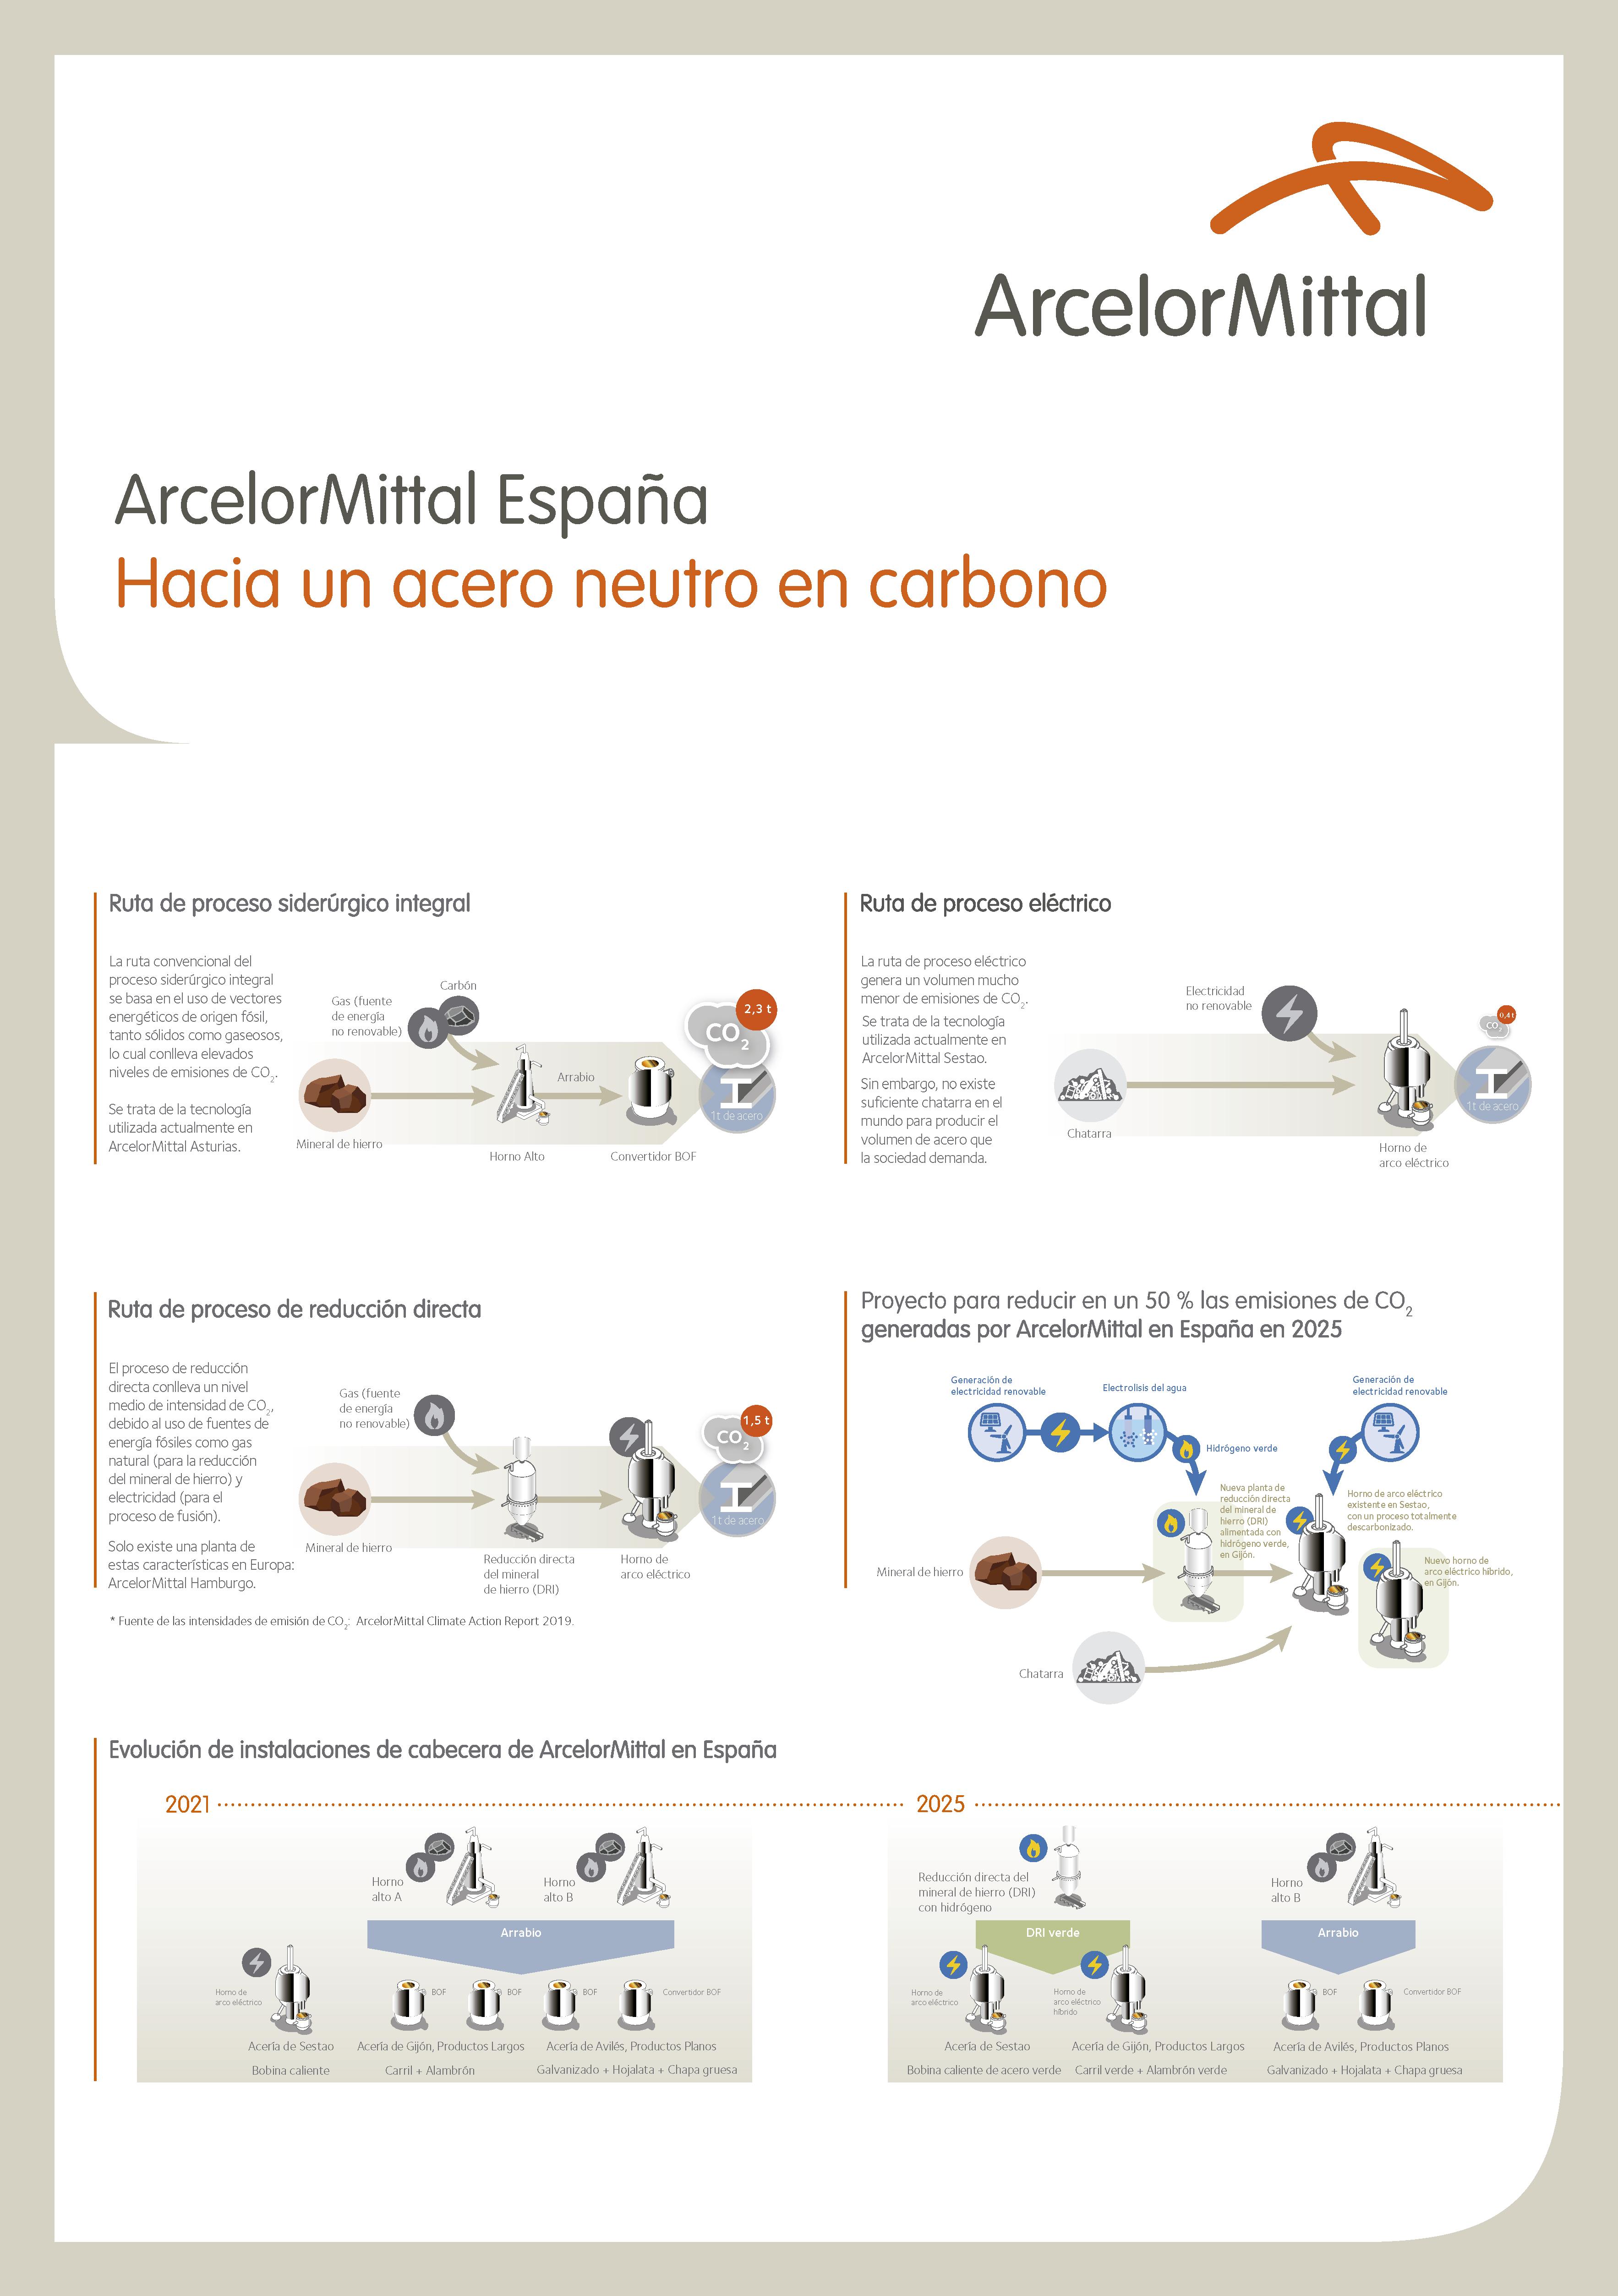 Descarbonización Arcelor